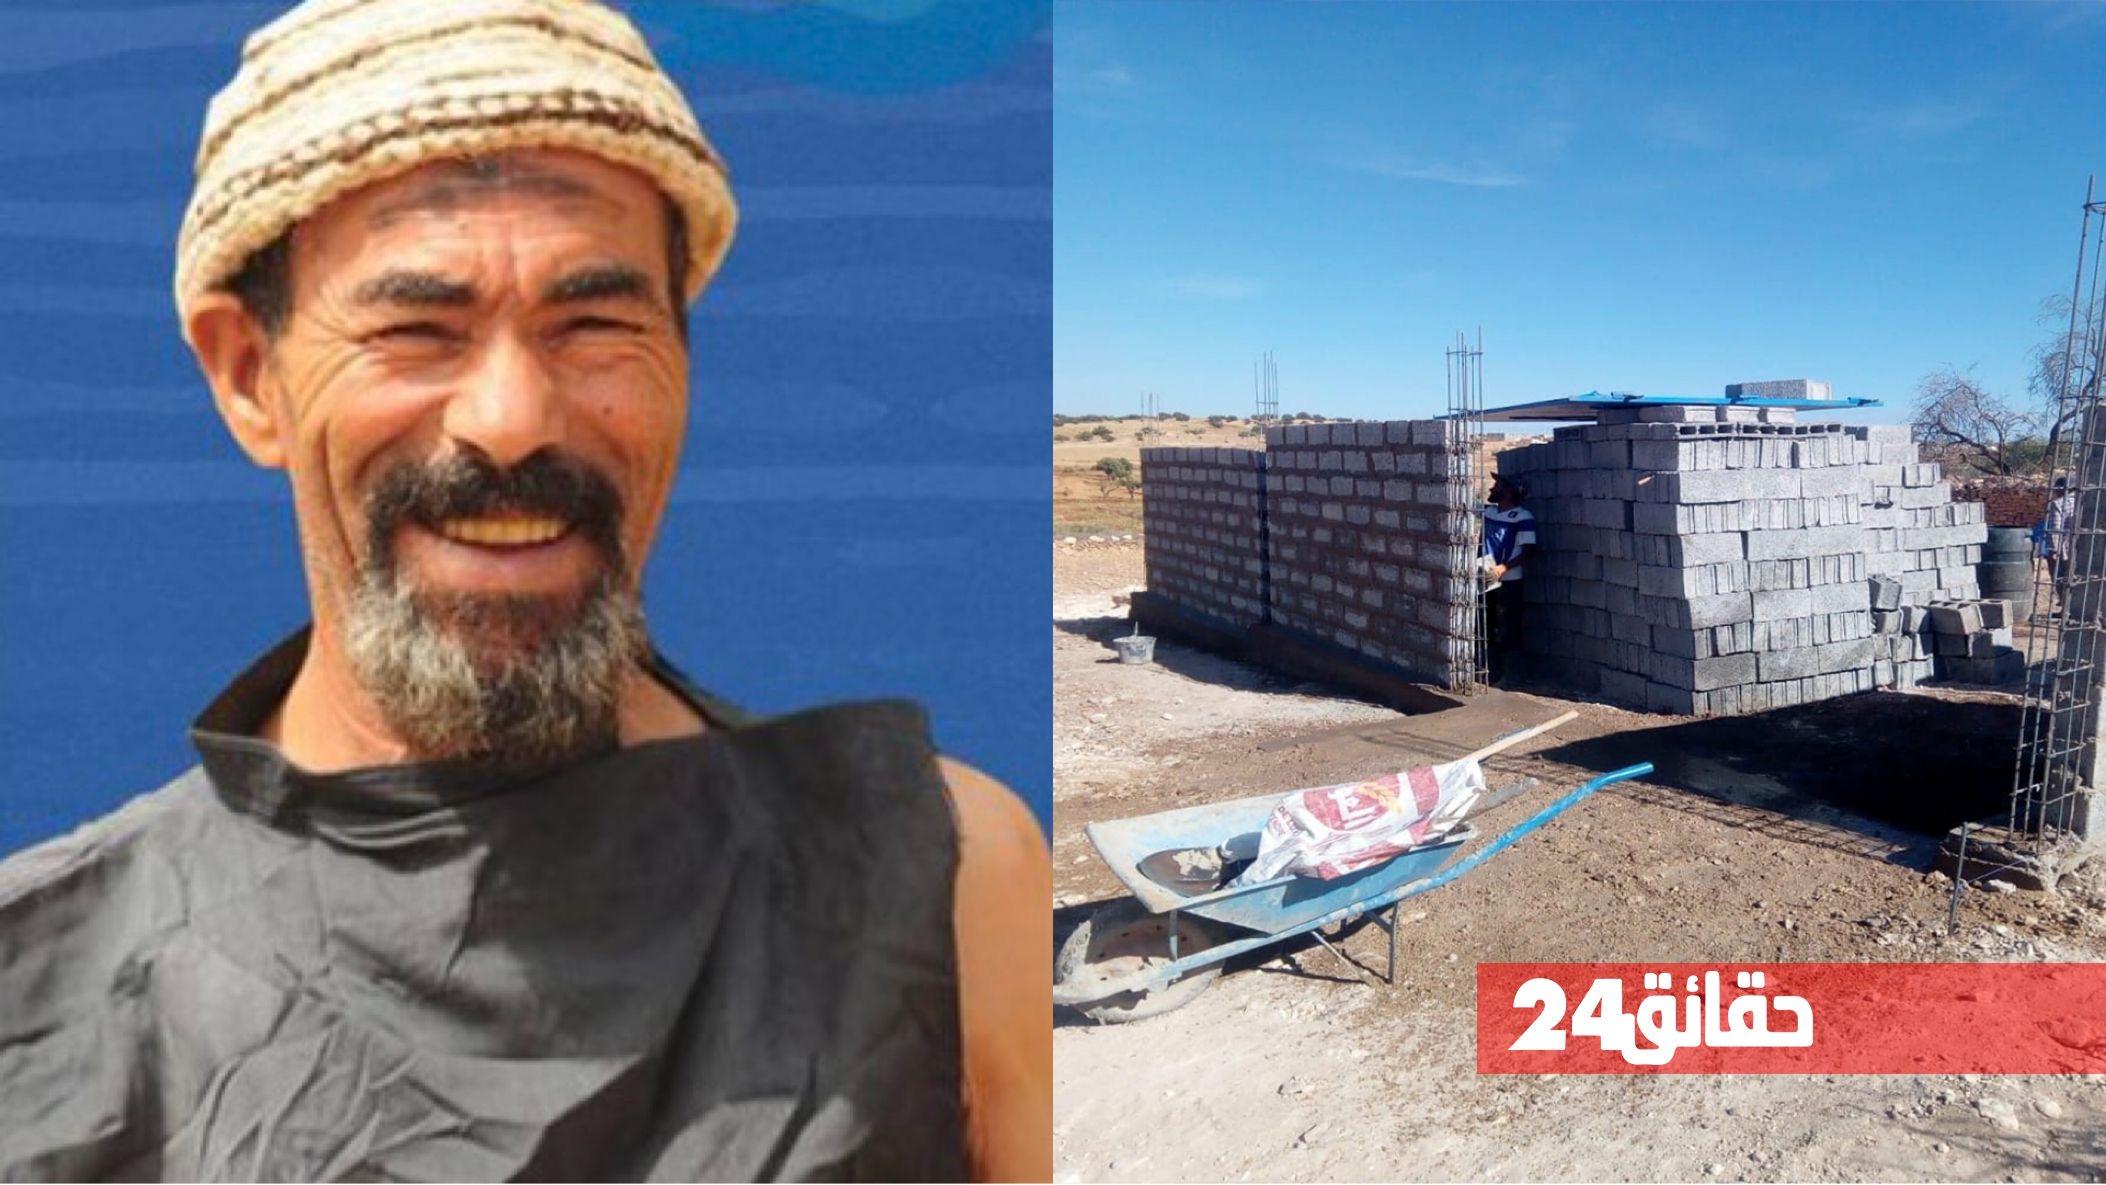 صورة ممثلون وفنانون يدعمون الكوميدي الأمازيغي مبارك العطاش ويساهمون في بناء منزله